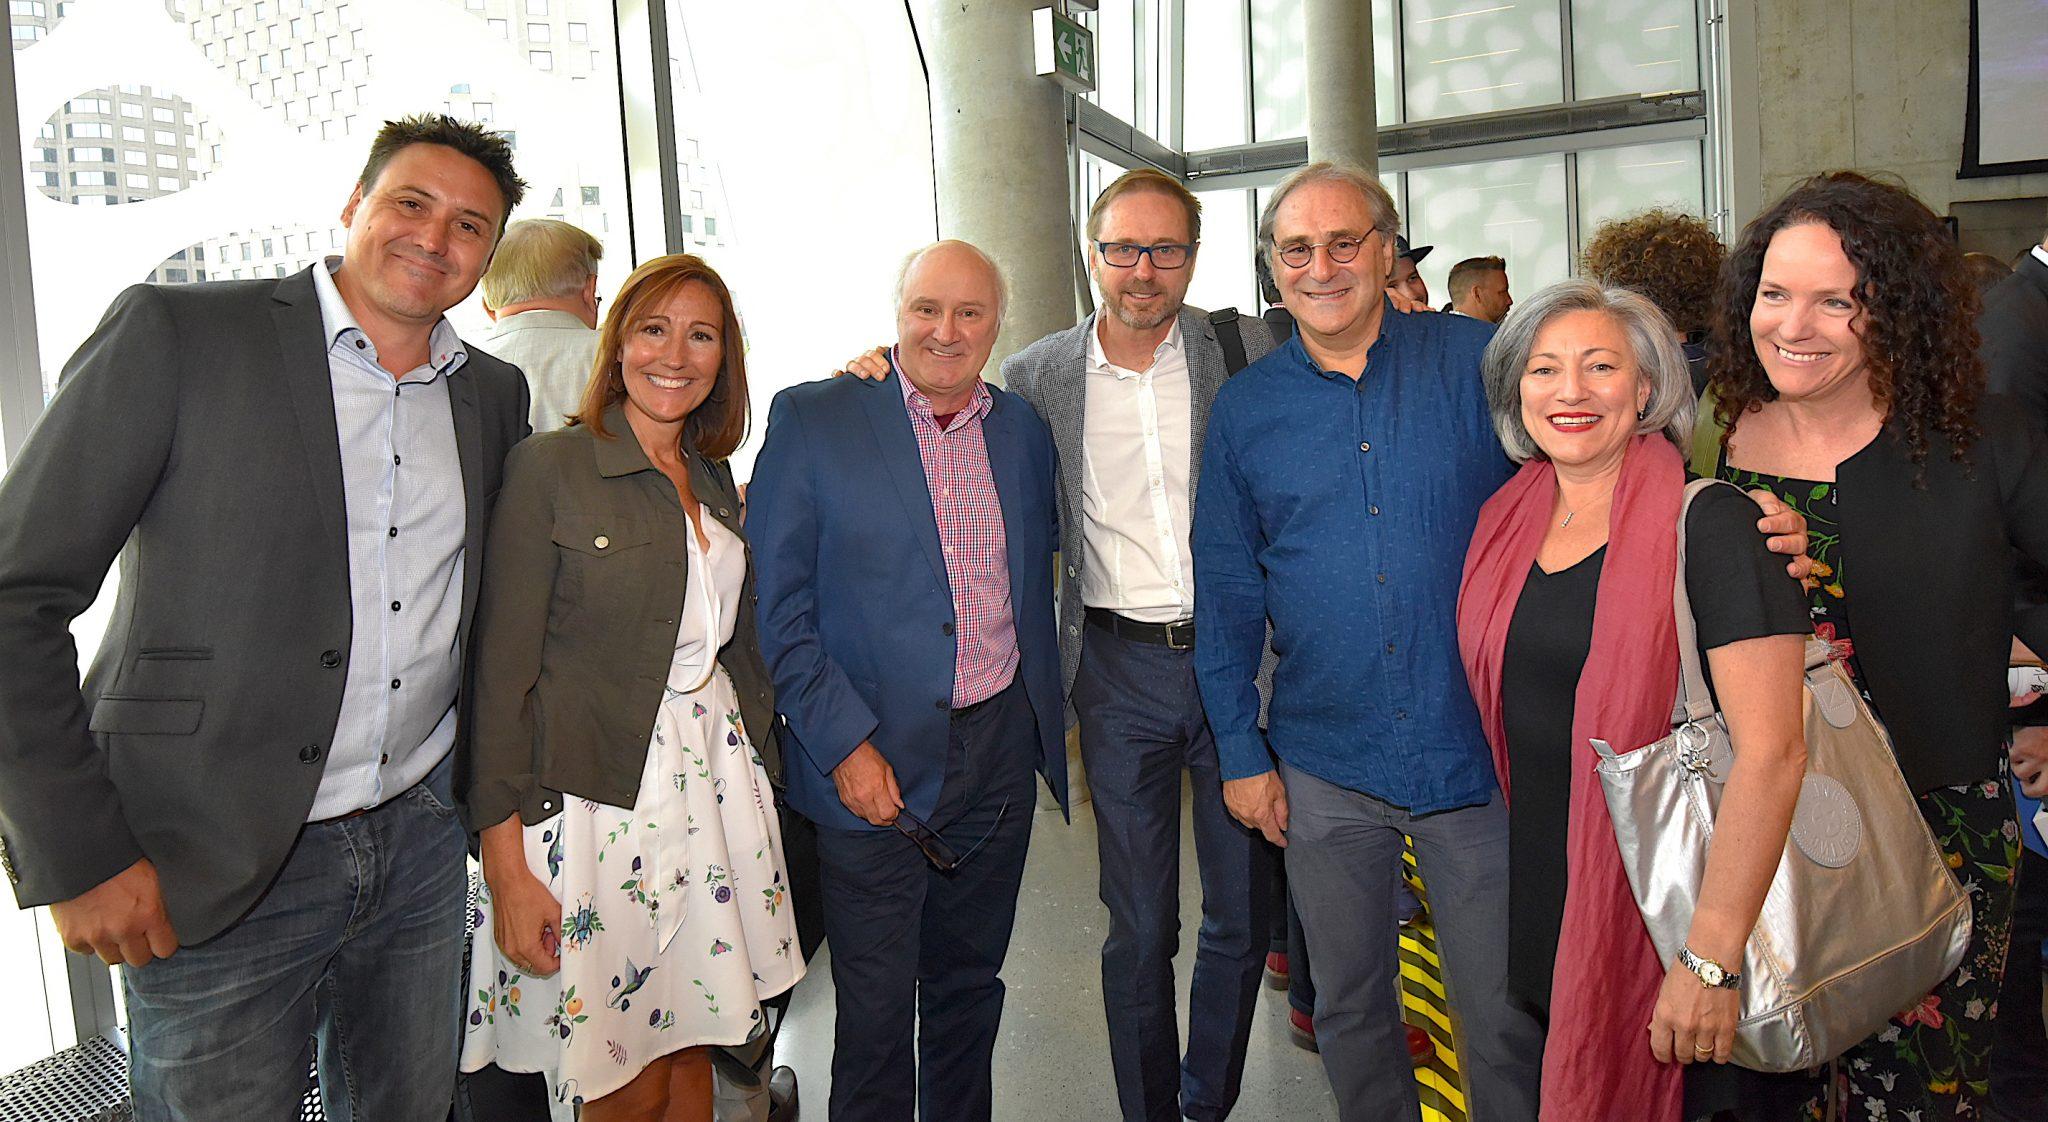 Politique culturelle : L'ARRQ salue les mesures qui visent à améliorer les conditions socio-économiques des artistes